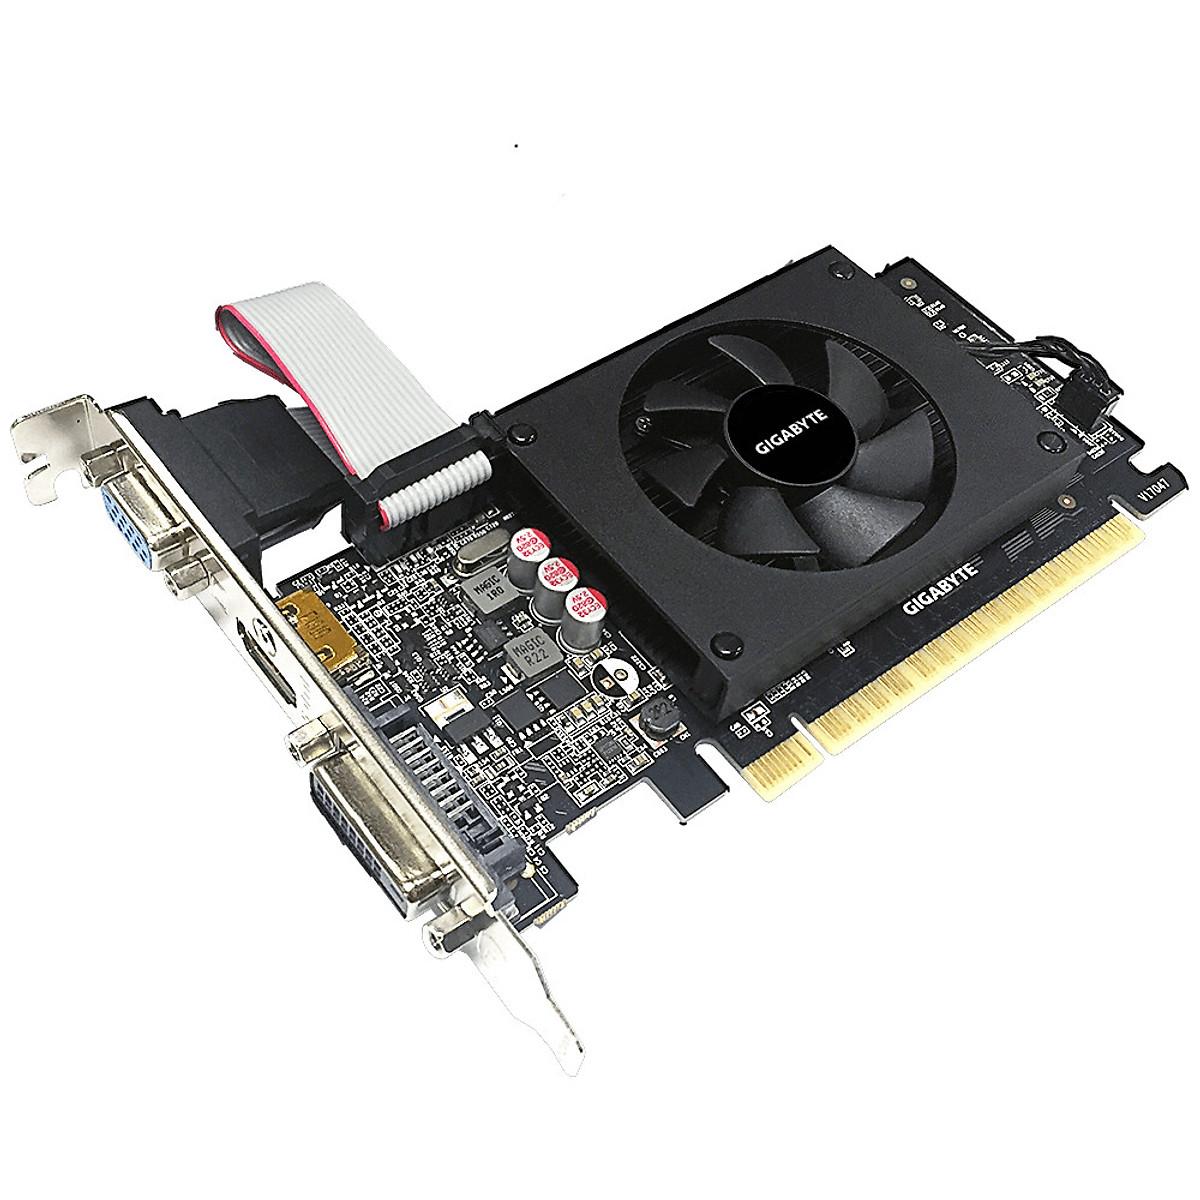 Card màn hình VGA Gigabyte GV-N710D5-2GIL – Hàng chính hãng